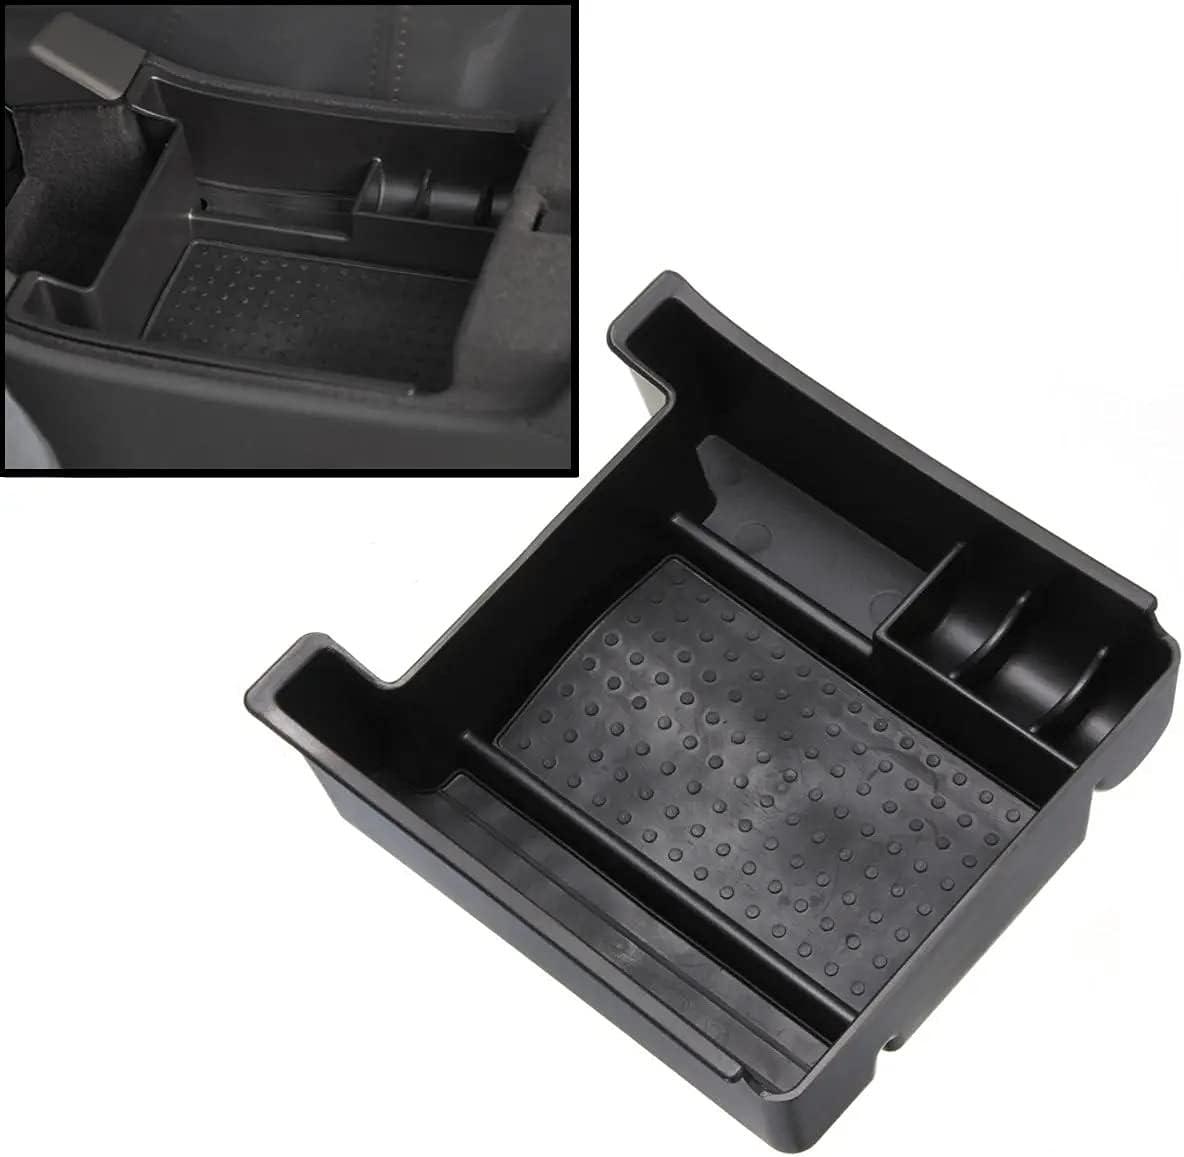 Caja portaobjetos reposabrazos de coche compatible con Volvo XC60 S60 V60 2011 – 2017 compartimento organizador secundario almacenamiento del reposabrazos Glove Box Storage